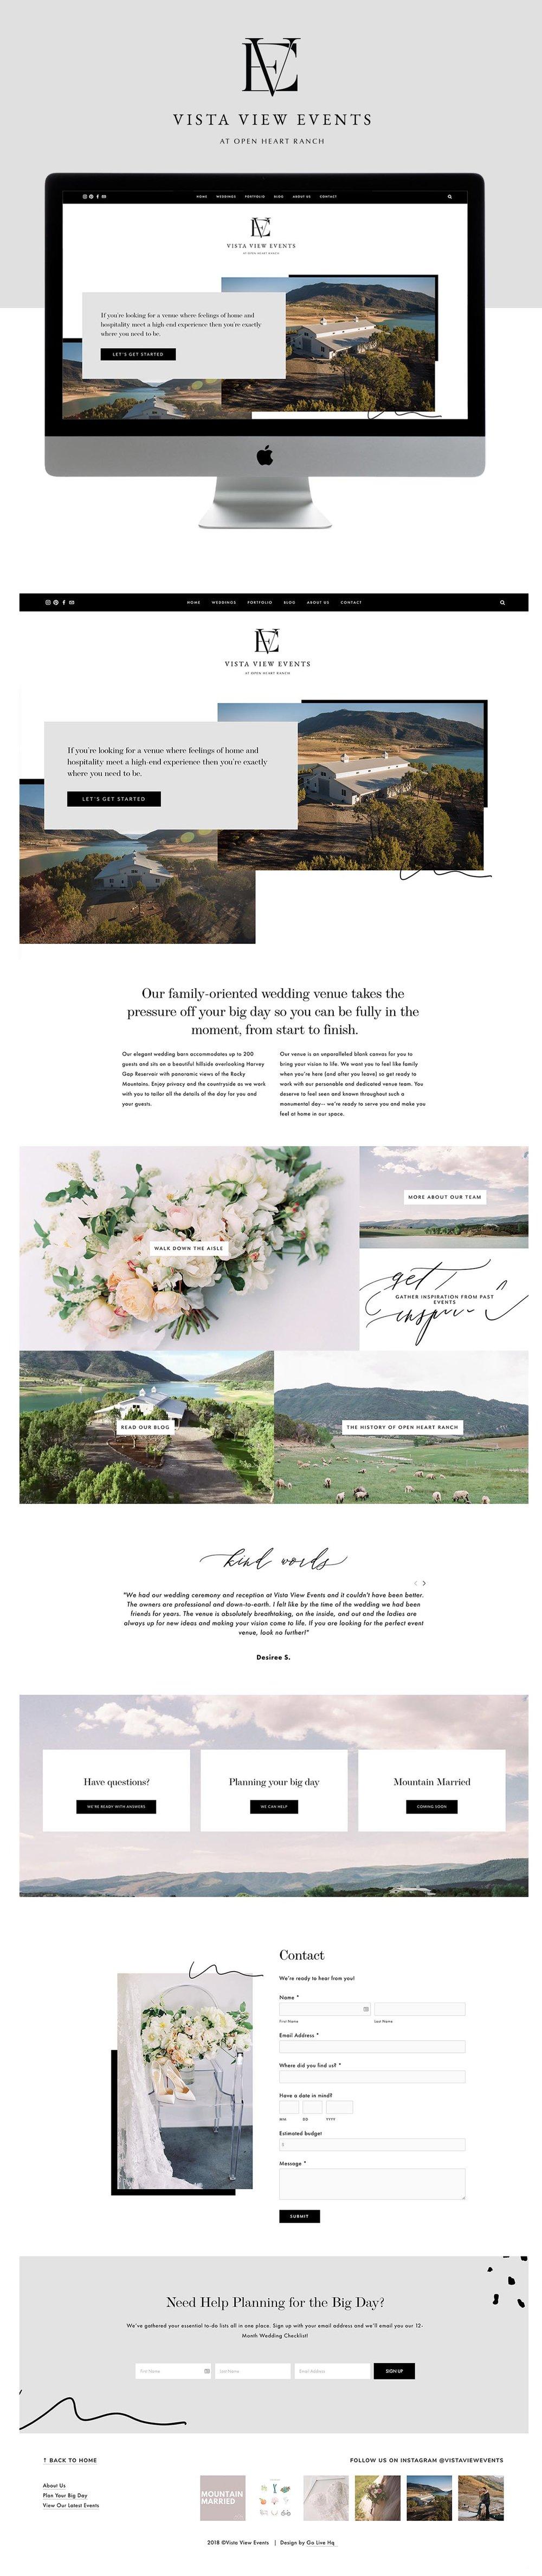 Modern, Elegant Website Design for Mountain Wedding Venue  | Design by Go Live HQ